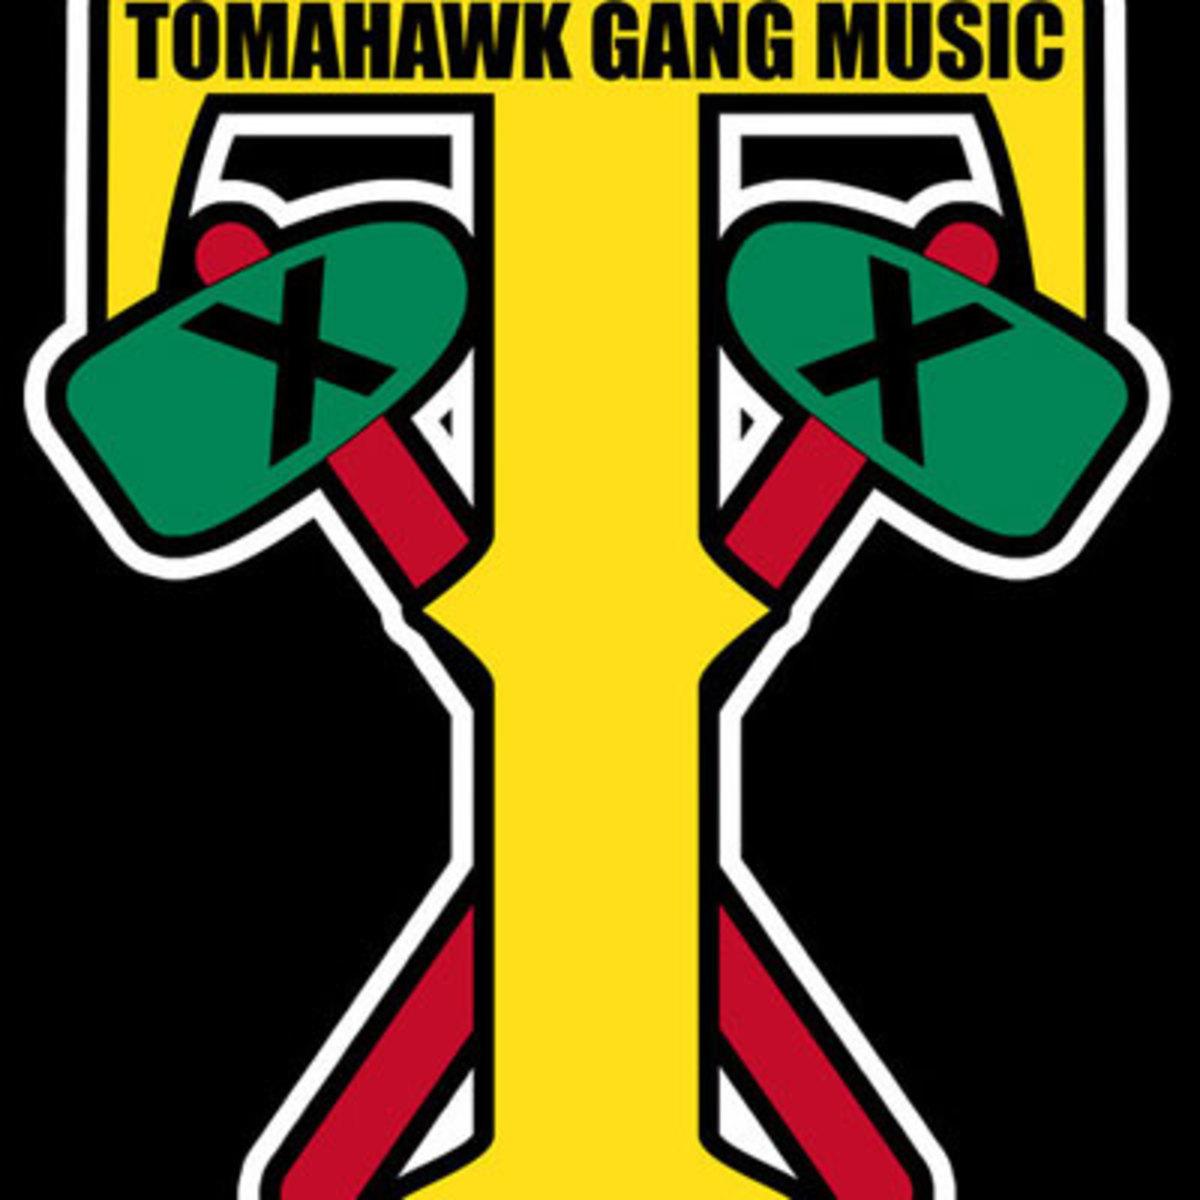 tomahawkgangmusic-main.jpg